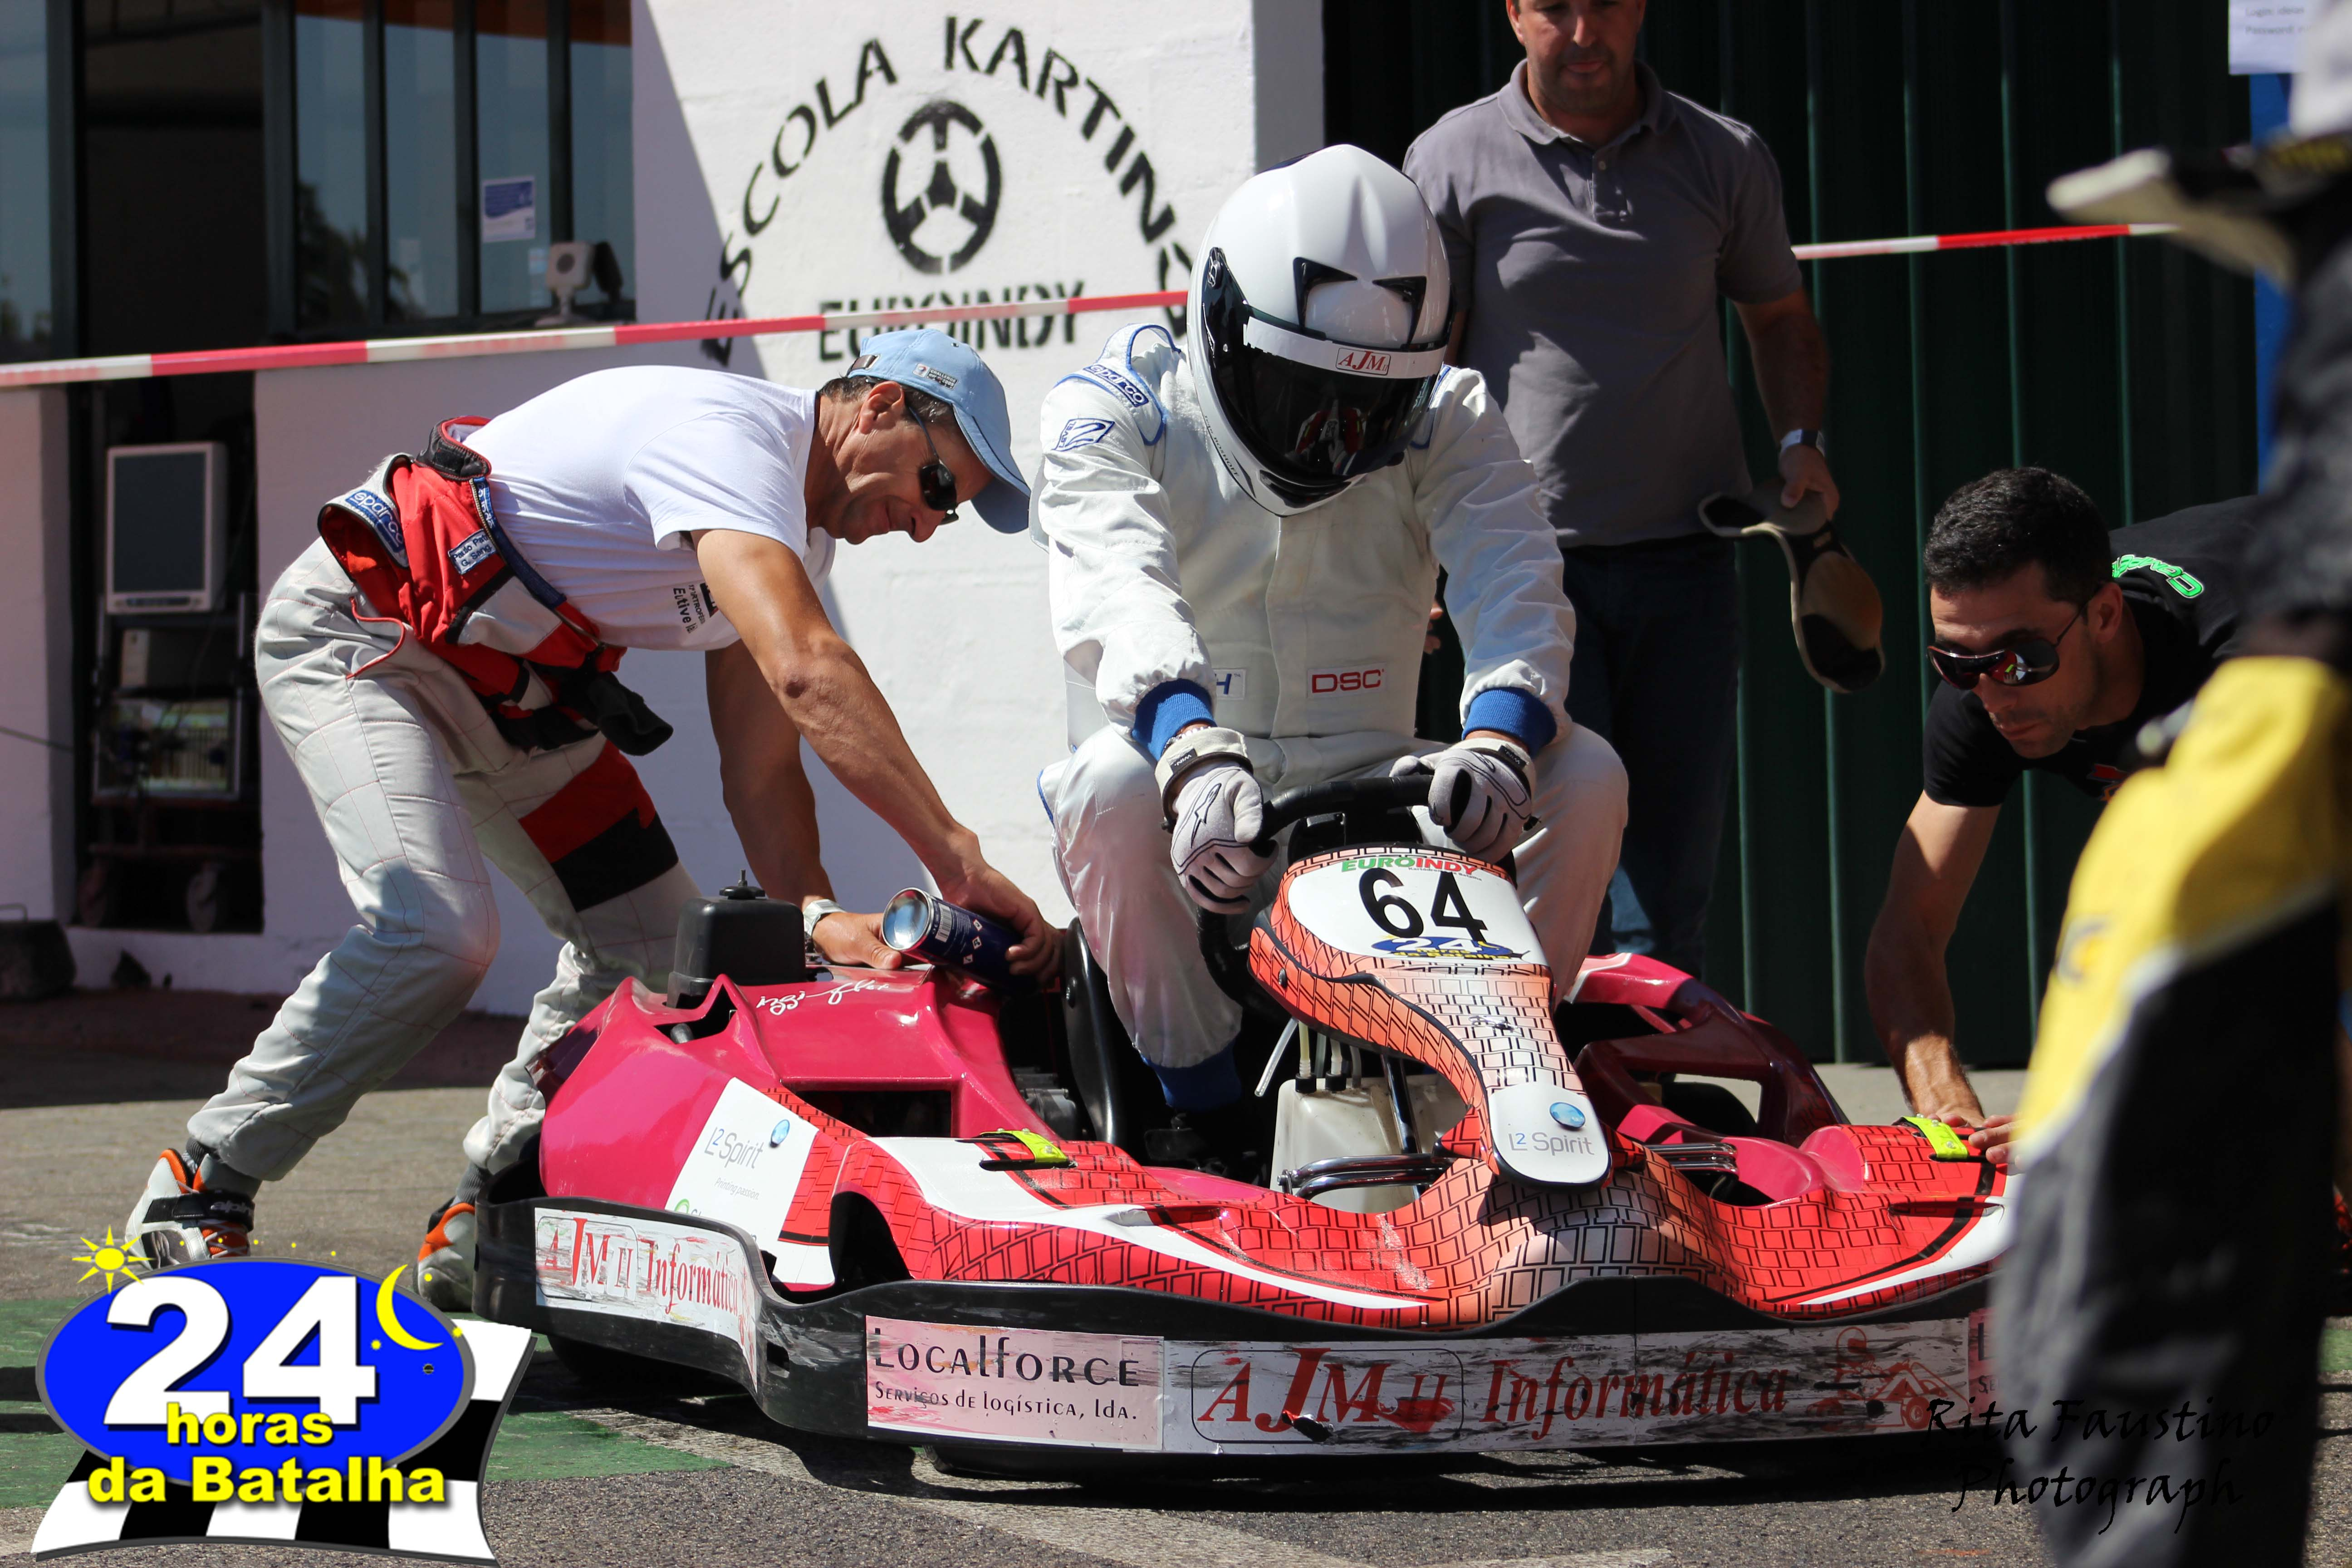 24 Horas da Batalha 2015 - Troca de pilotos65